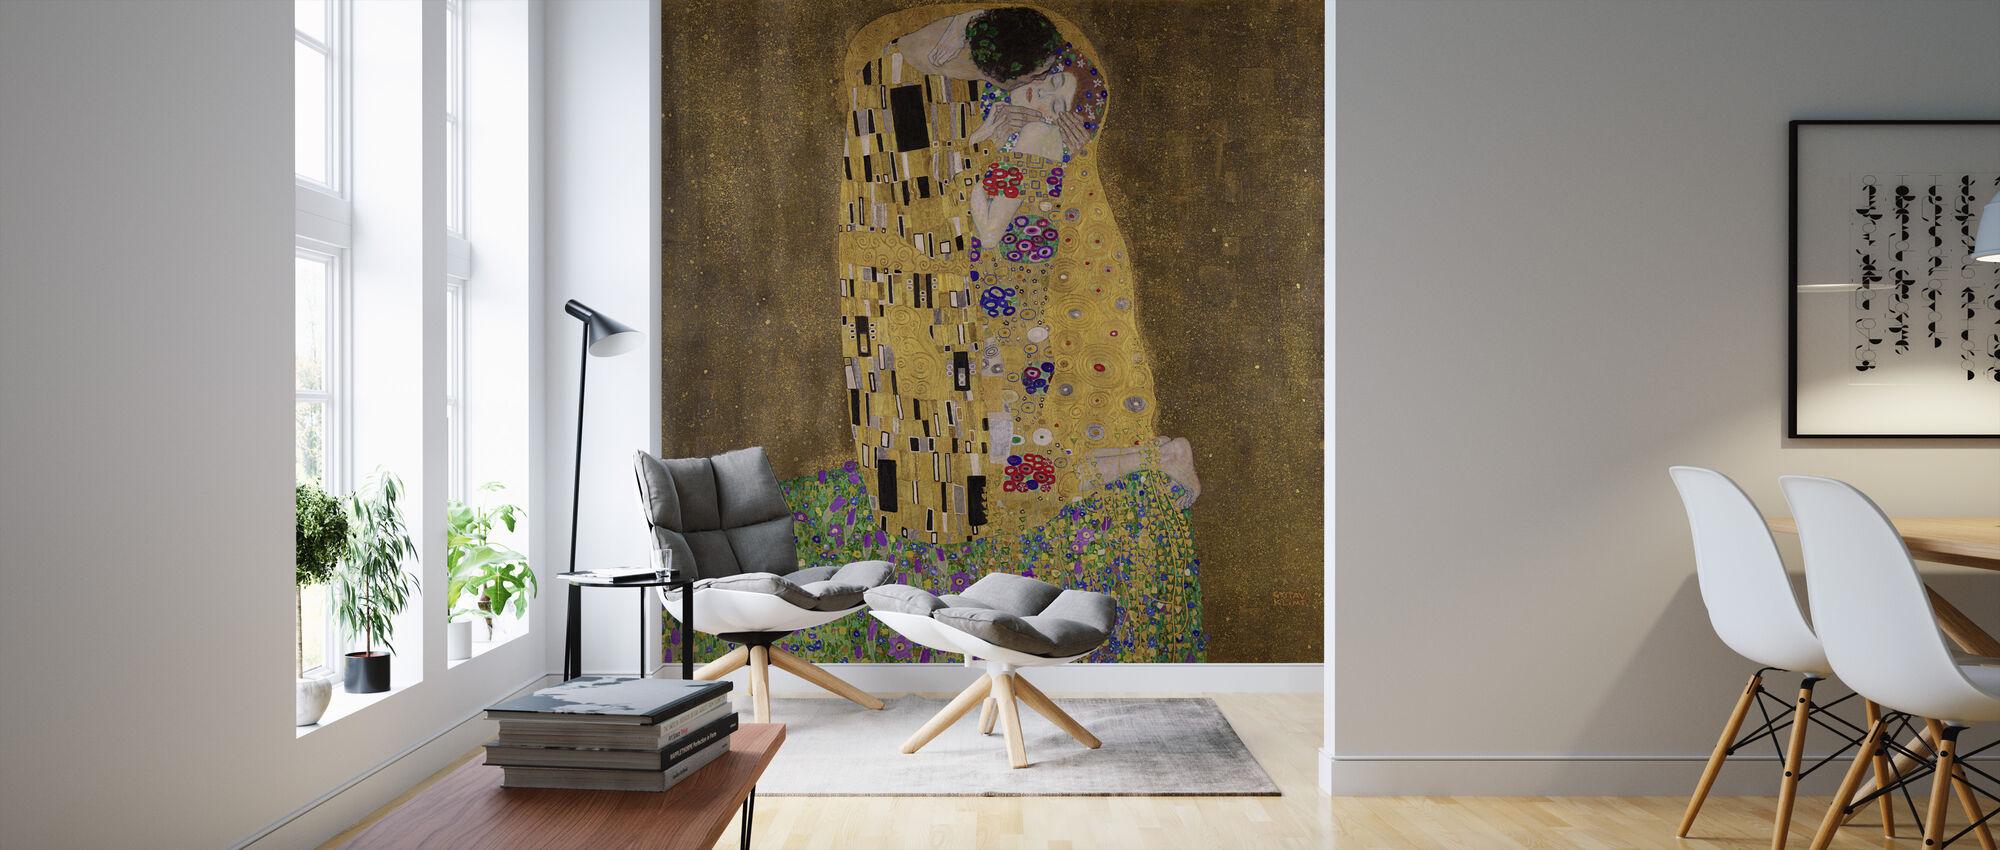 The Kiss, Gustav Klimt - Wallpaper - Living Room